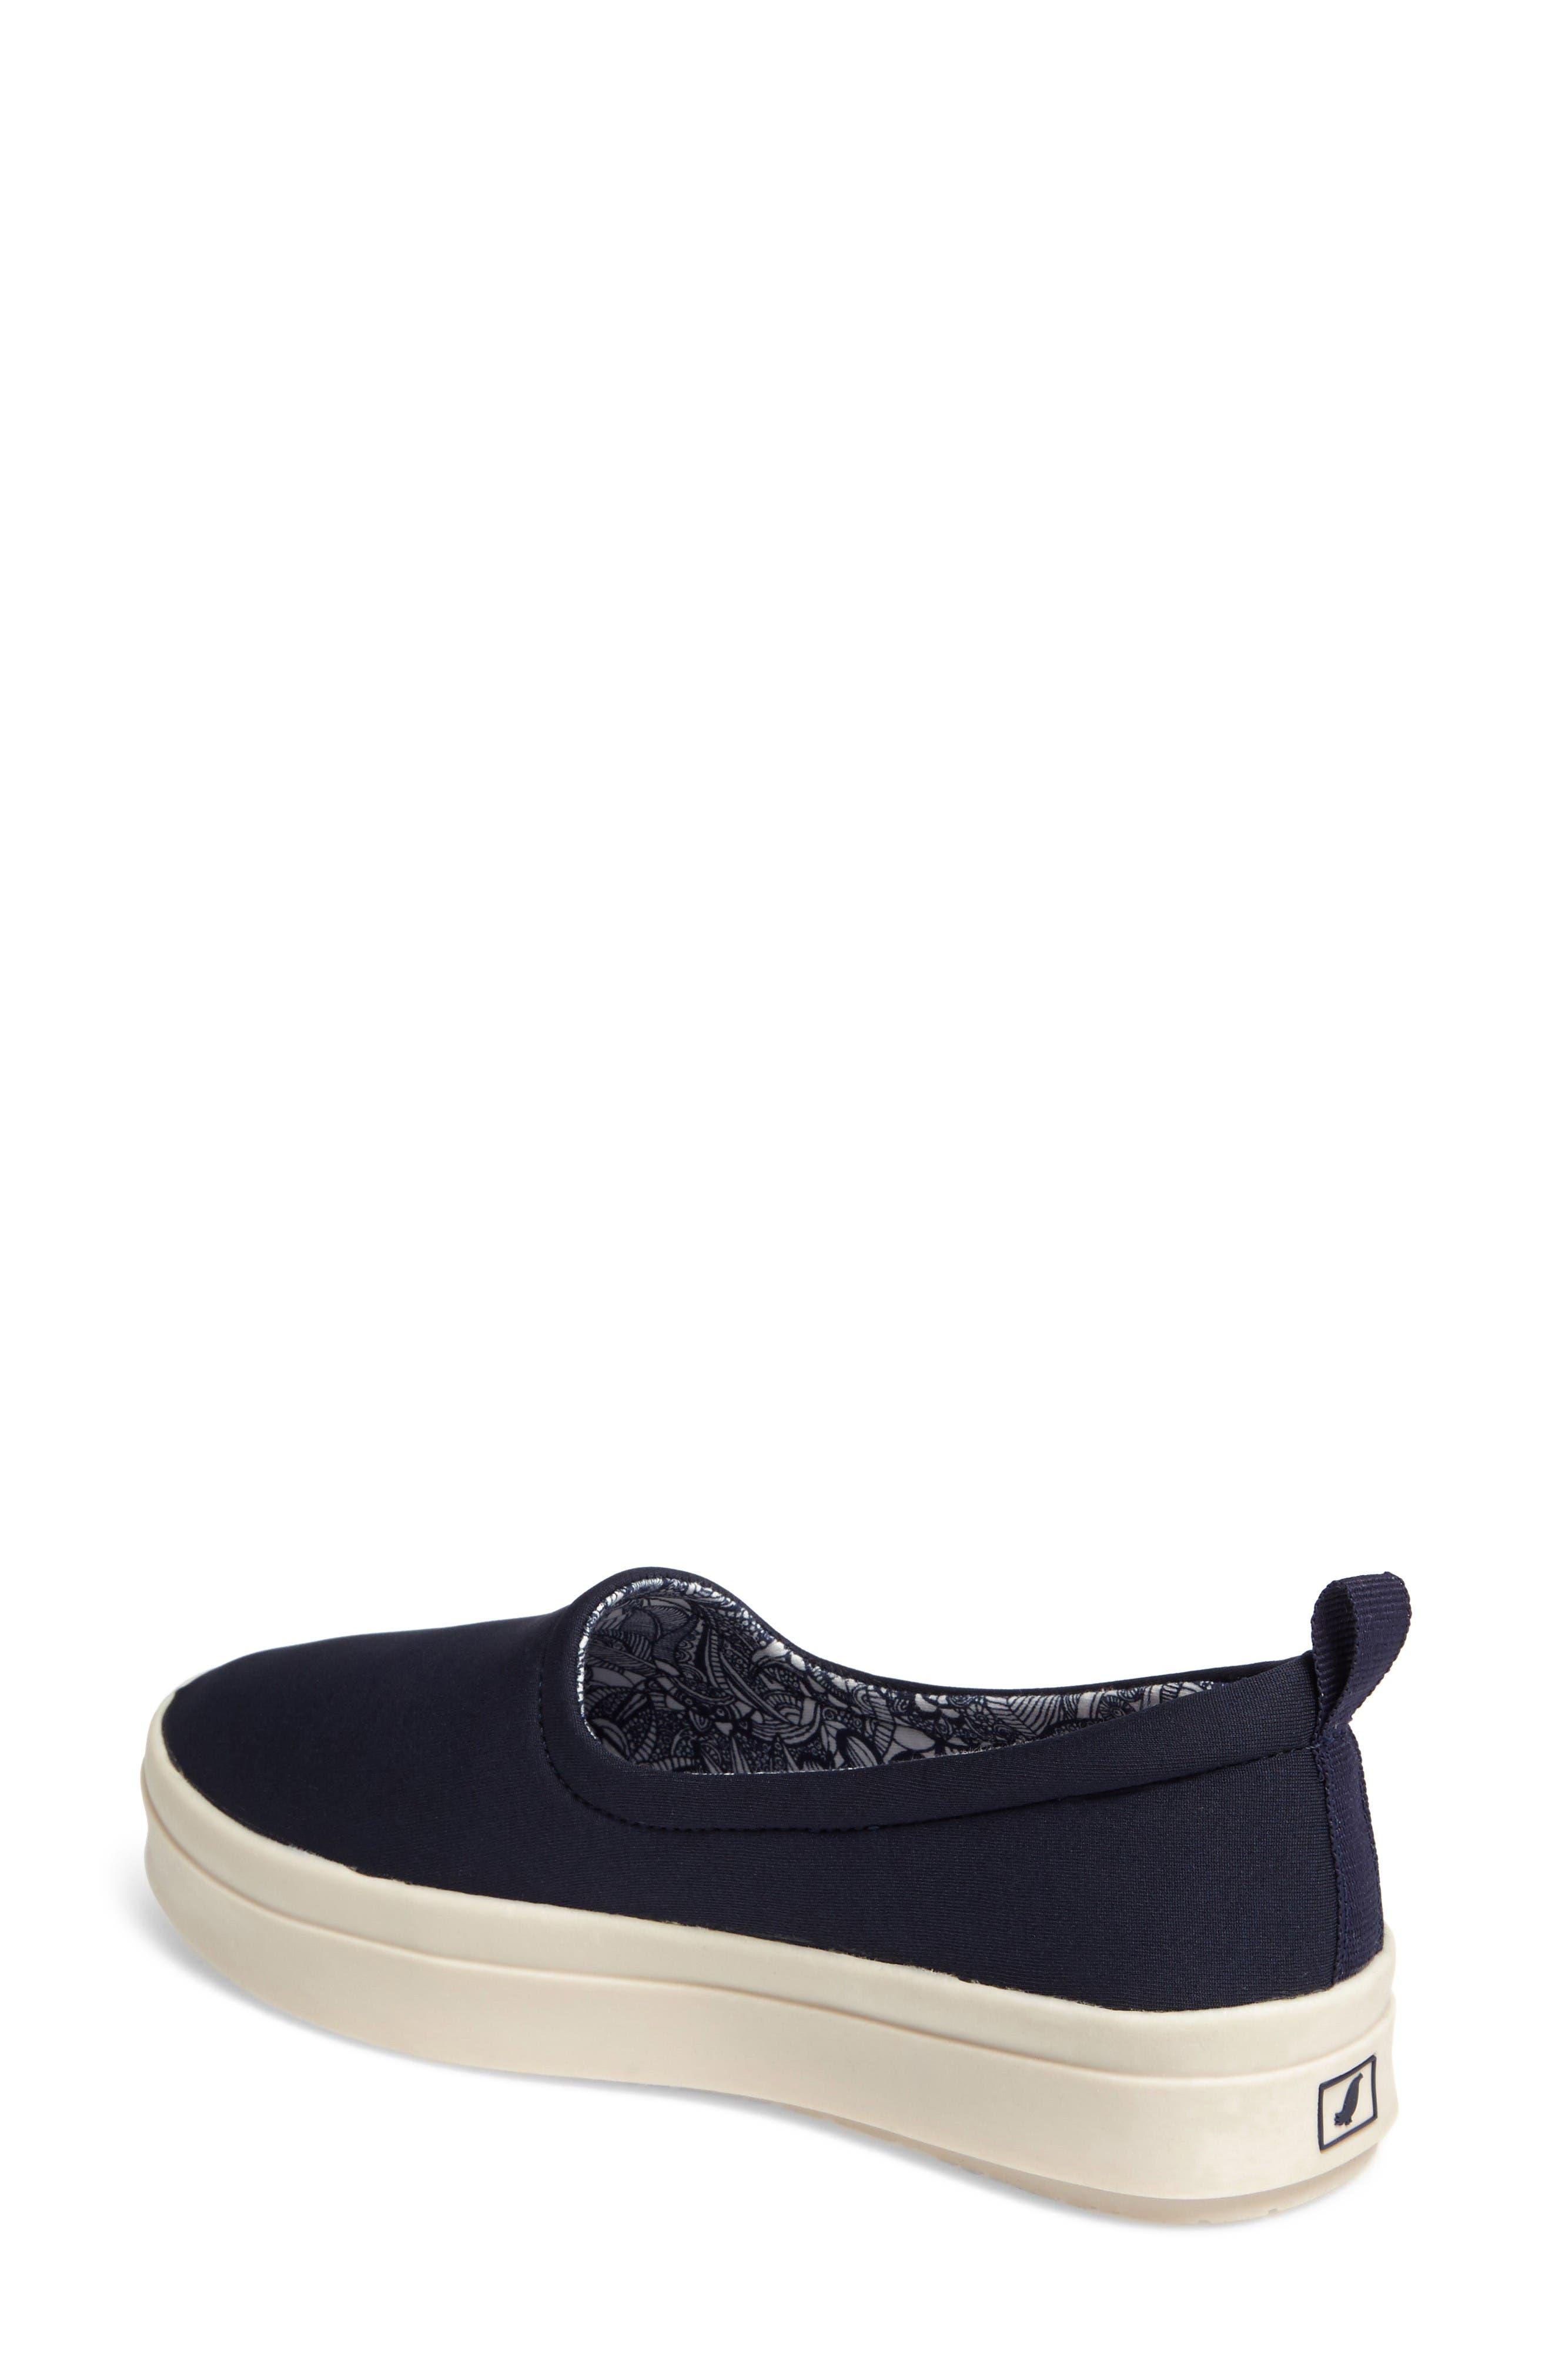 Alternate Image 2  - Sakroots Saz Slip-On Sneaker (Women)